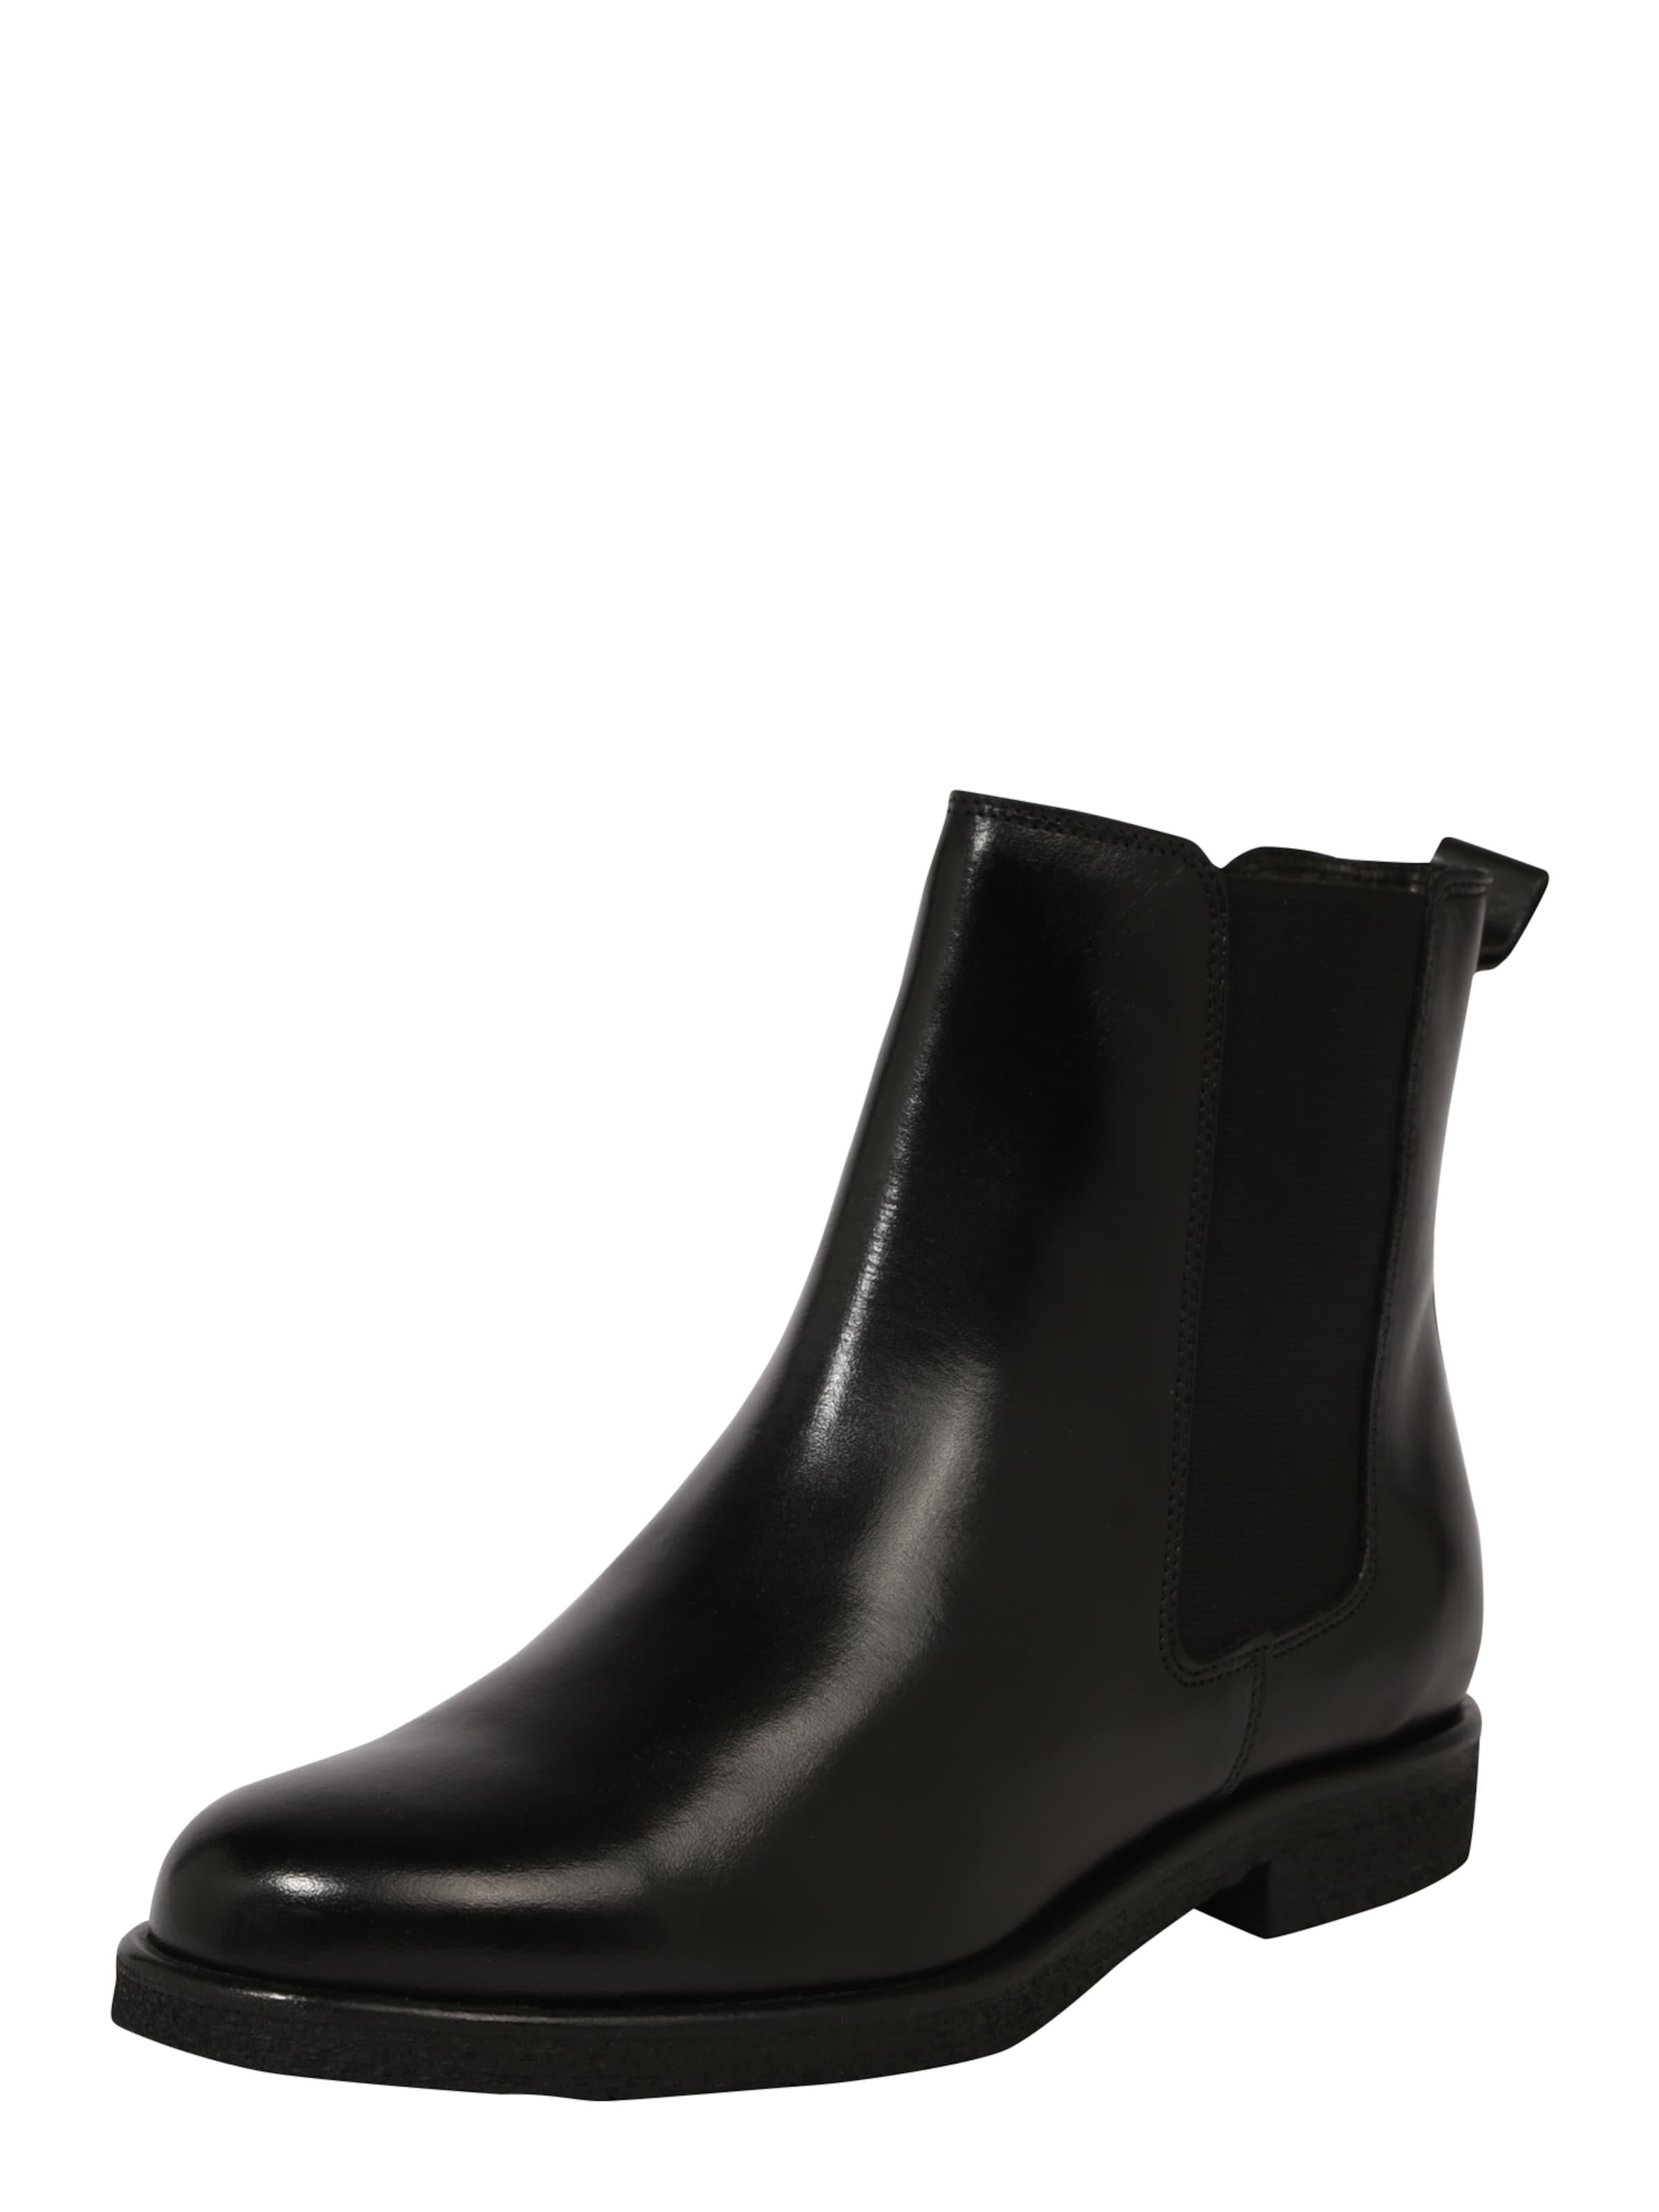 Zign Stiefelette aus Glattleder Verschleißfeste billige Schuhe